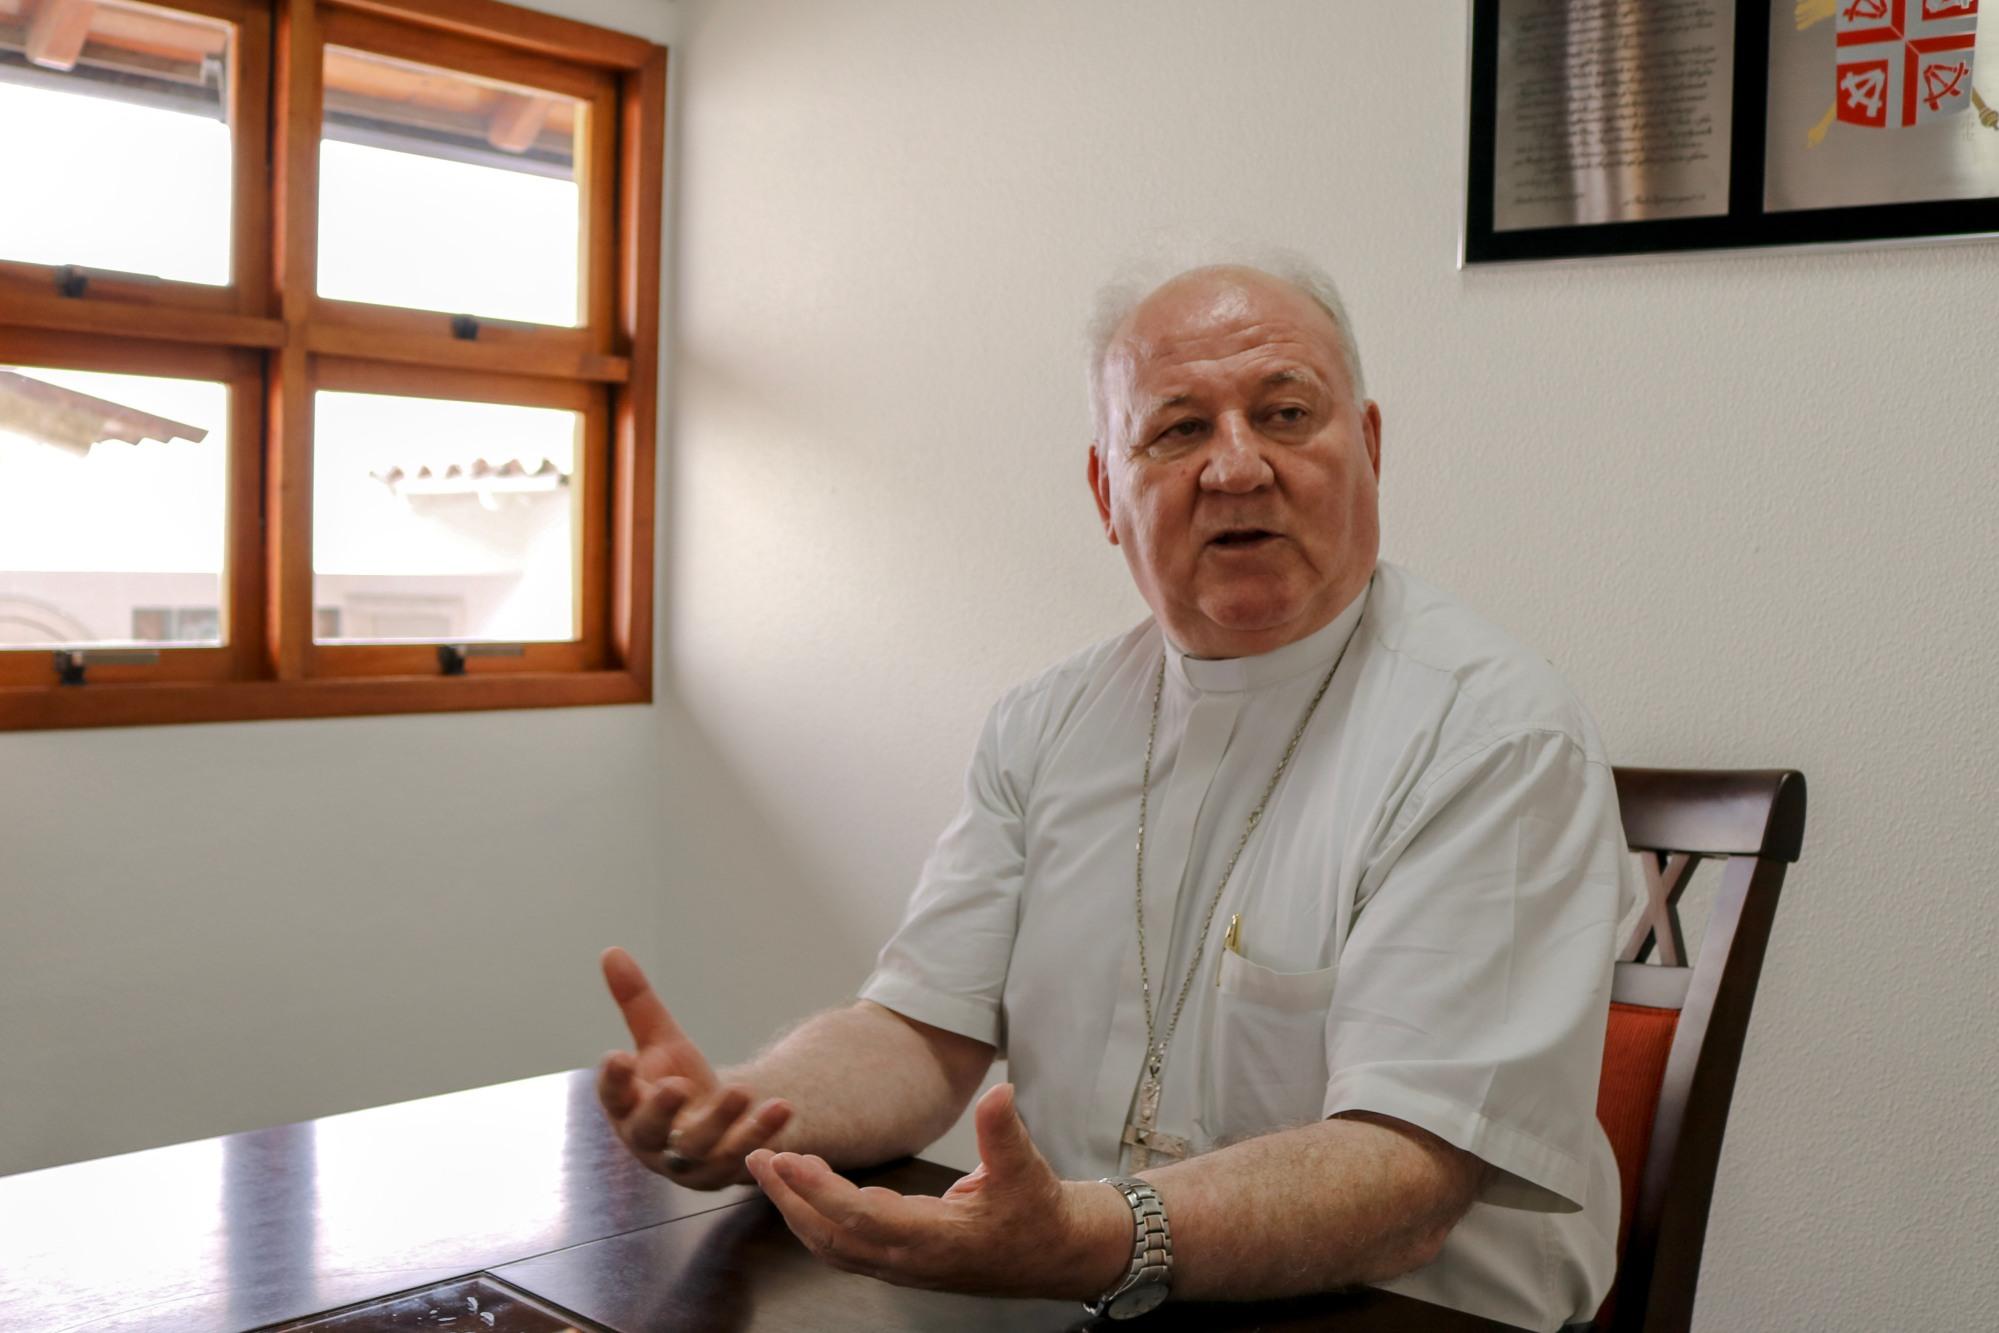 O bispo está de camisa de clerygman cinza e cruz peitoral sentado à mesa. Ele olha para a esquerda com as mãos abertas enquanto fala. Ao fundo uma janela deixa entrar a luz na sala de reuniões.